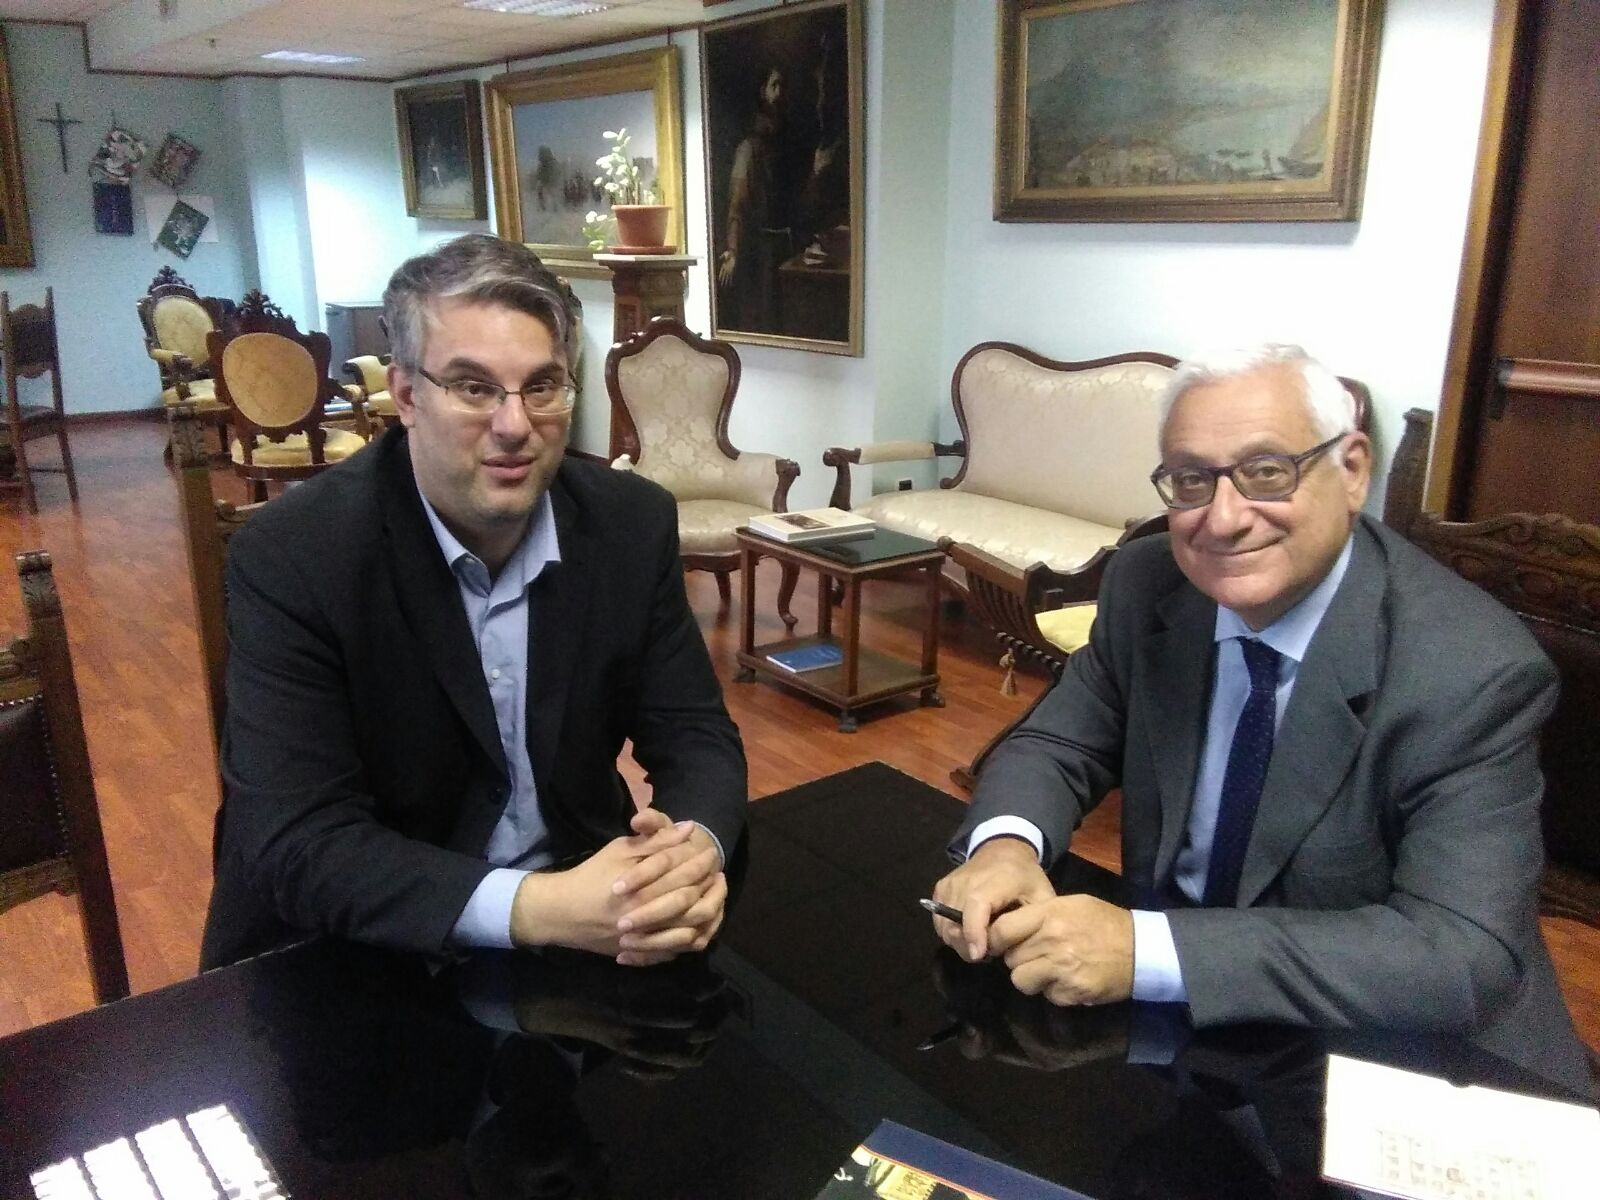 A San Giorgio a Cremano gli imputati per reati minori  potranno svolgere lavori di pubblica utilità: firmata la convezione tra comune e  Tribunale di Napoli